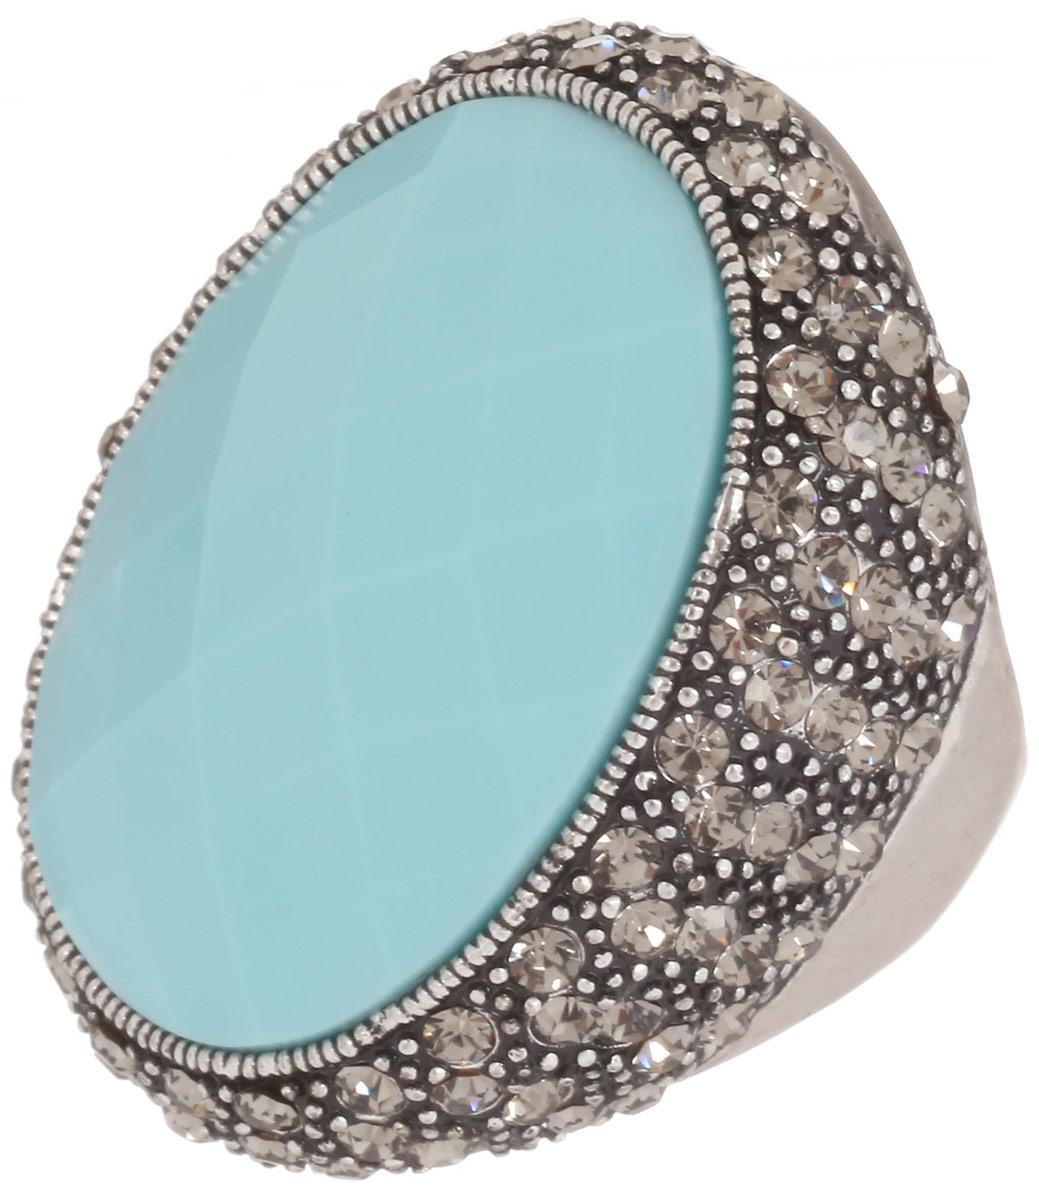 Кольцо Art-Silver, цвет: серебристый, голубой. V060871R-1418. Размер 17,5V060871R-1418Великолепное кольцо Art-Silver изготовлено из бижутерного сплава. Изделие оформлено цирконами. В центре кольца расположена ограненная вставка из пластика. Стильное кольцо придаст вашему образу изюминку и подчеркнет индивидуальность.